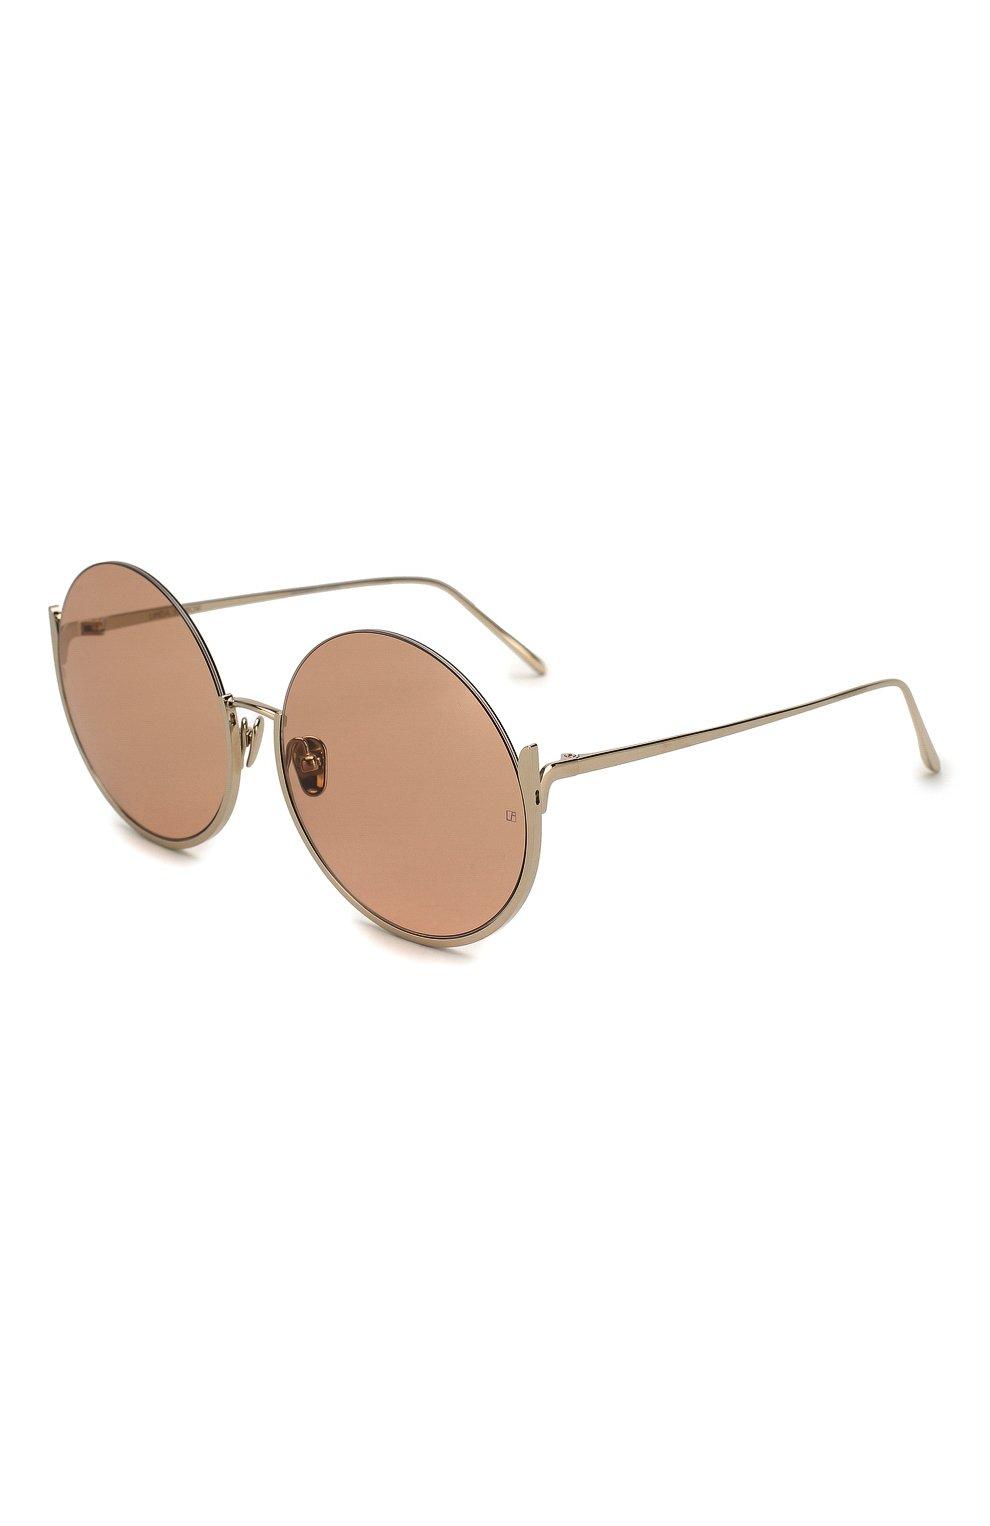 Женские солнцезащитные очки LINDA FARROW золотого цвета, арт. LFL1006C5 SUN | Фото 1